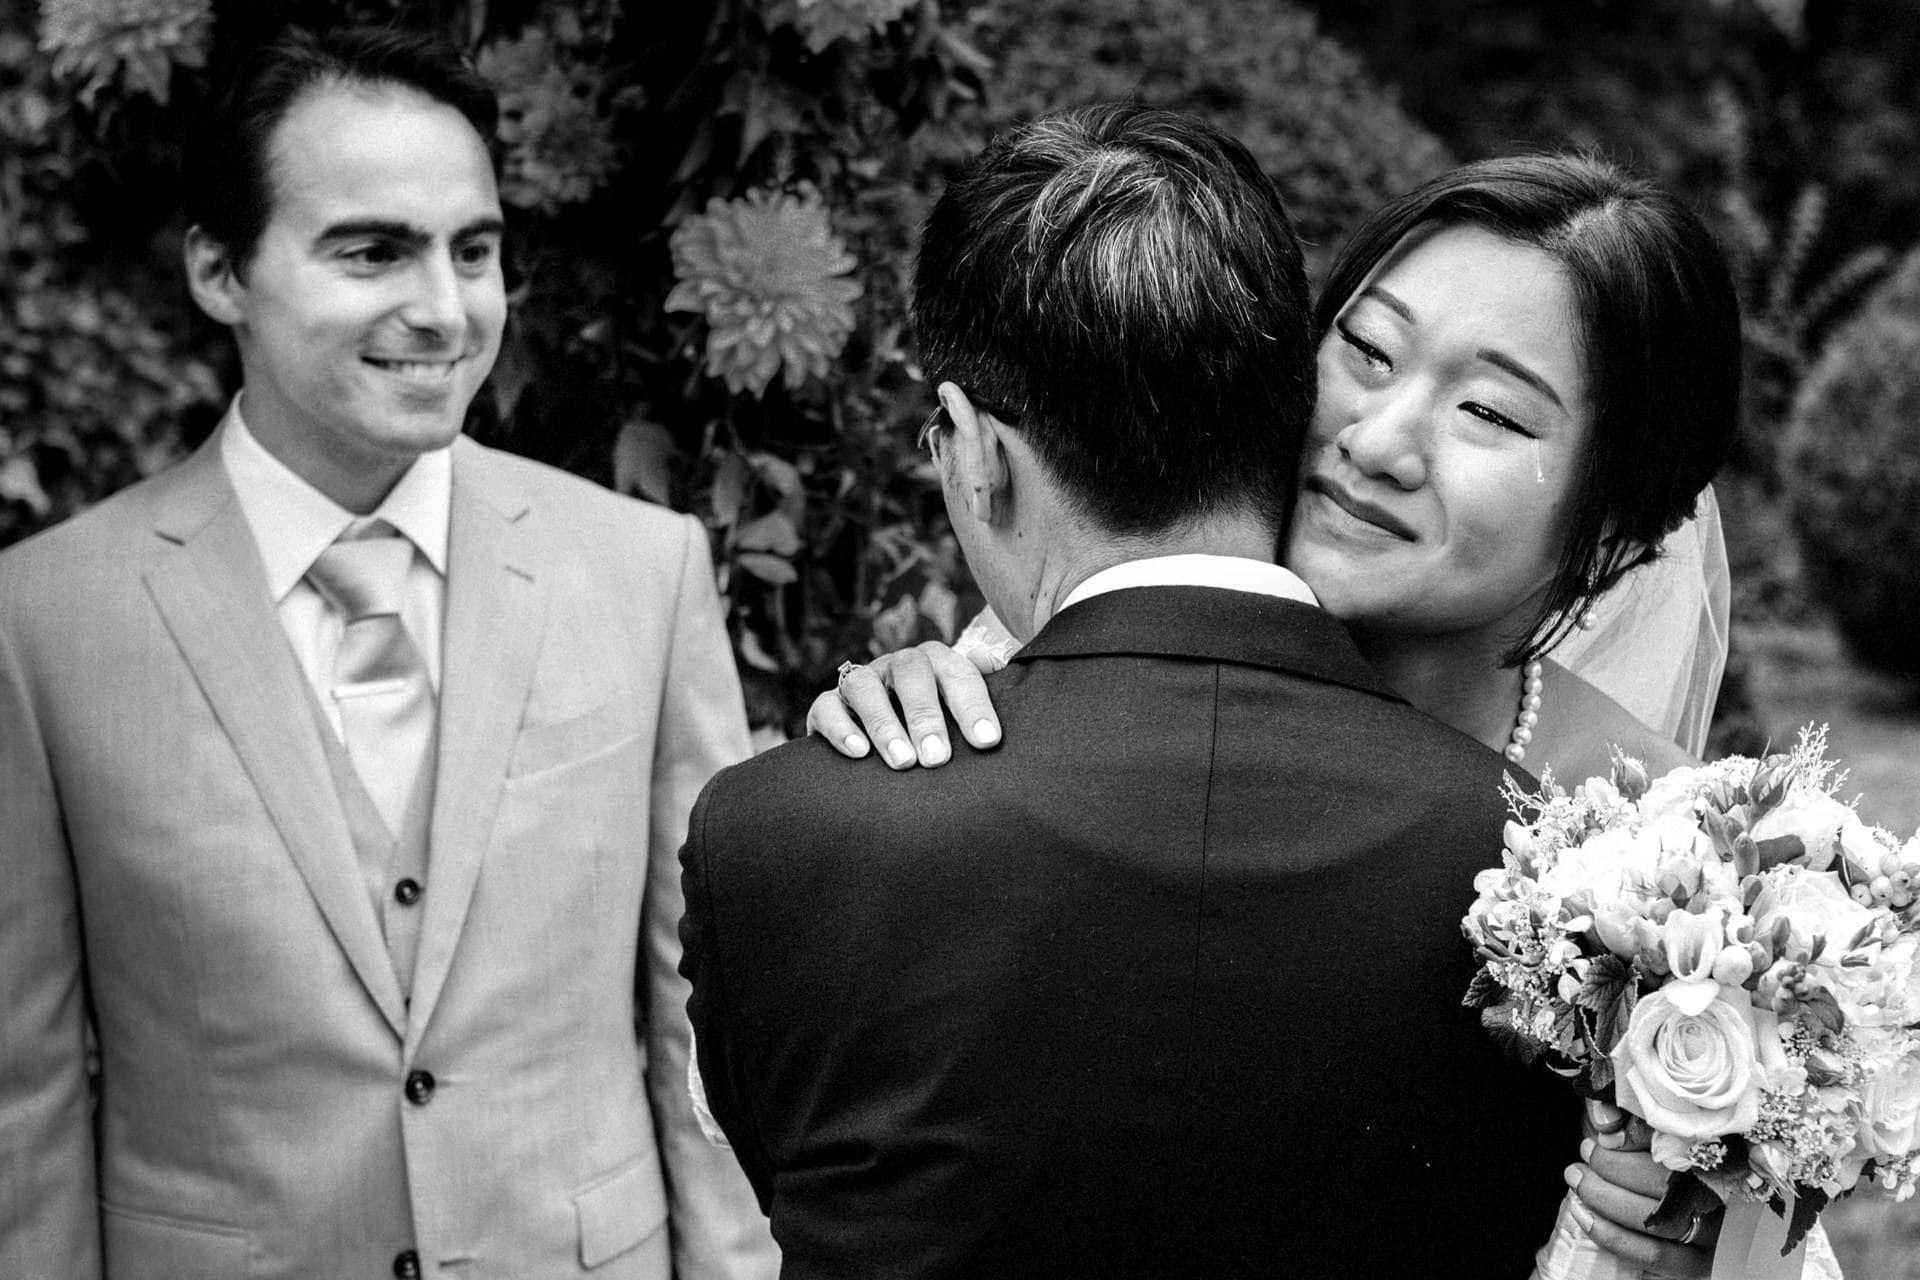 la mariée embrasse son père au chateau de Méridon par Photo des mains des mariés pendant la cérémonie laïque . Ernestine et sa famille photographe de mariage à l'approche reportage